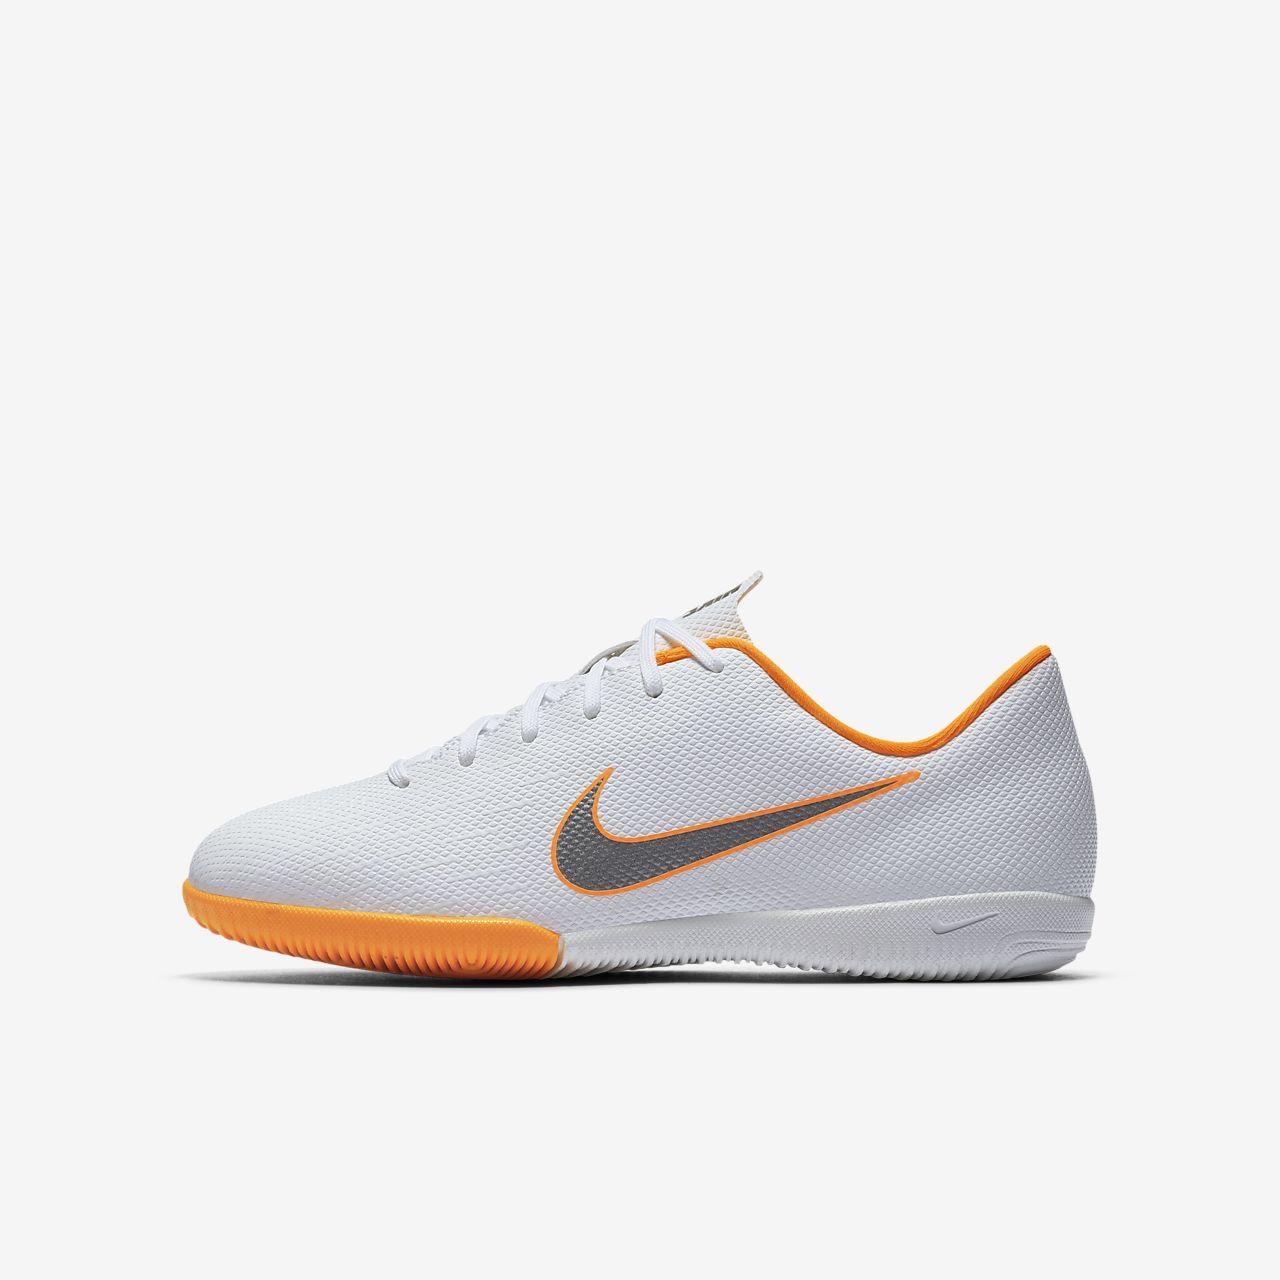 Nike Jr. MercurialX Vapor XII Academy Just Do It Zaalvoetbalschoen voor kleuters/kids